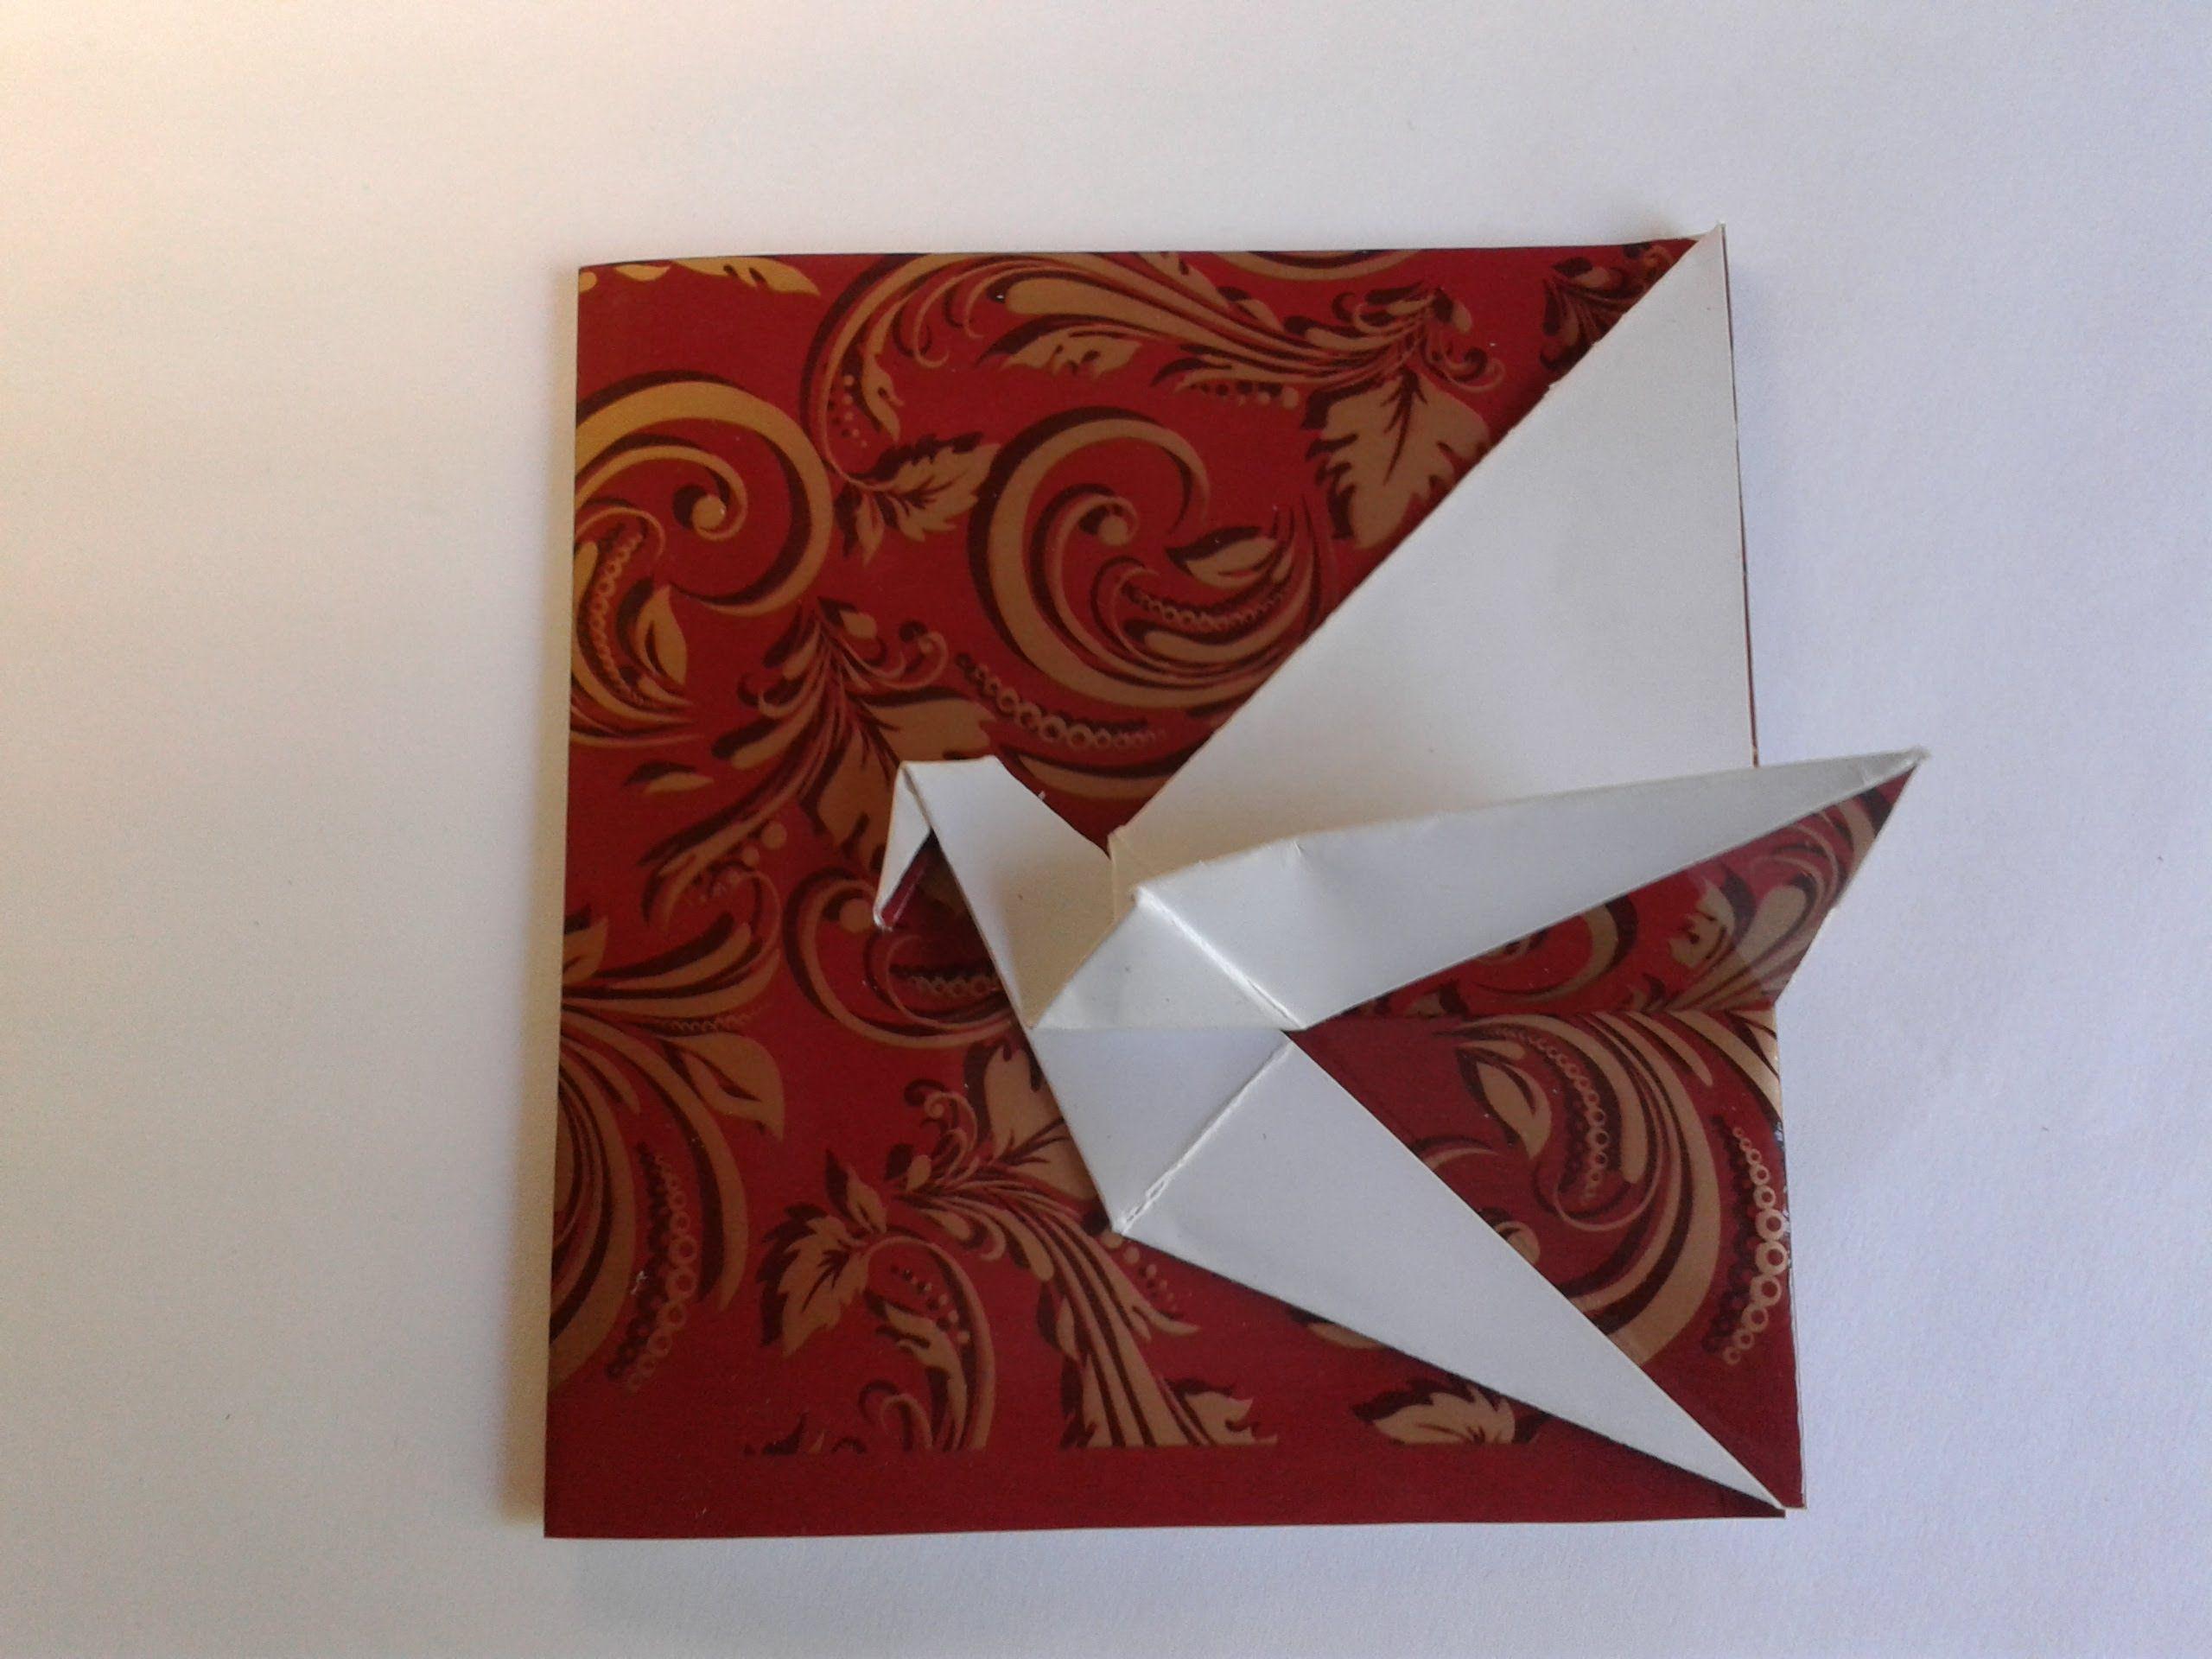 Origami crane crane origami craft ideas - Origami Cranes